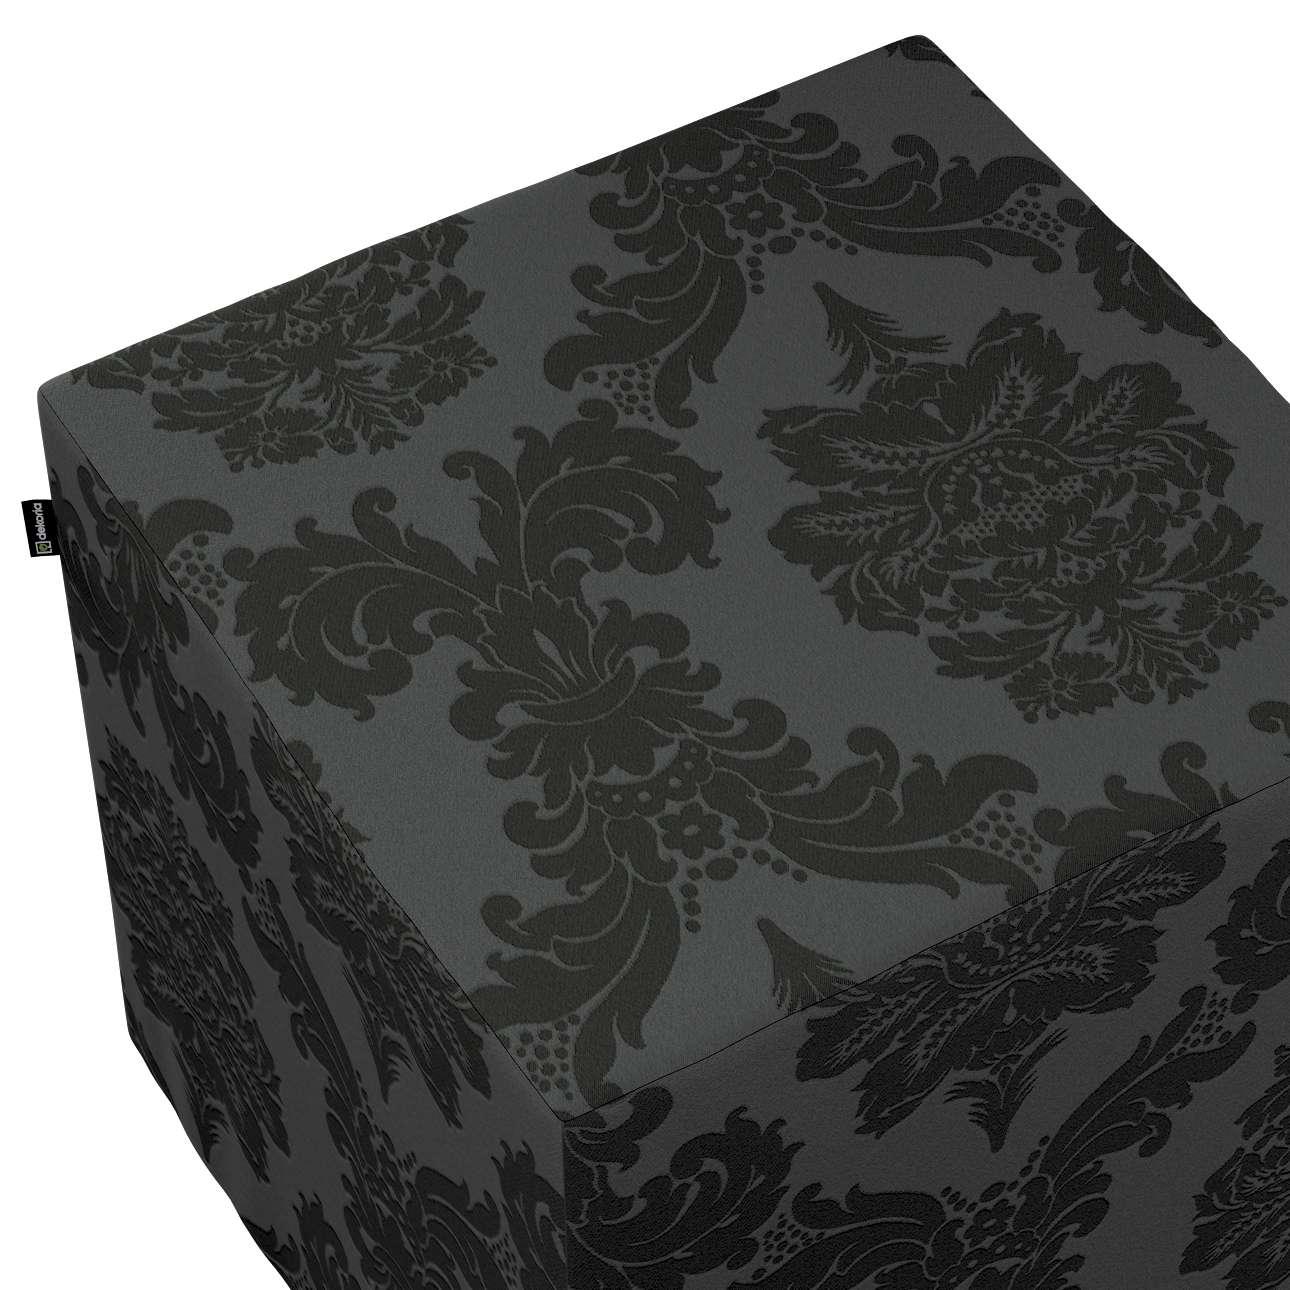 Pokrowiec na pufę kostkę w kolekcji Damasco, tkanina: 613-32